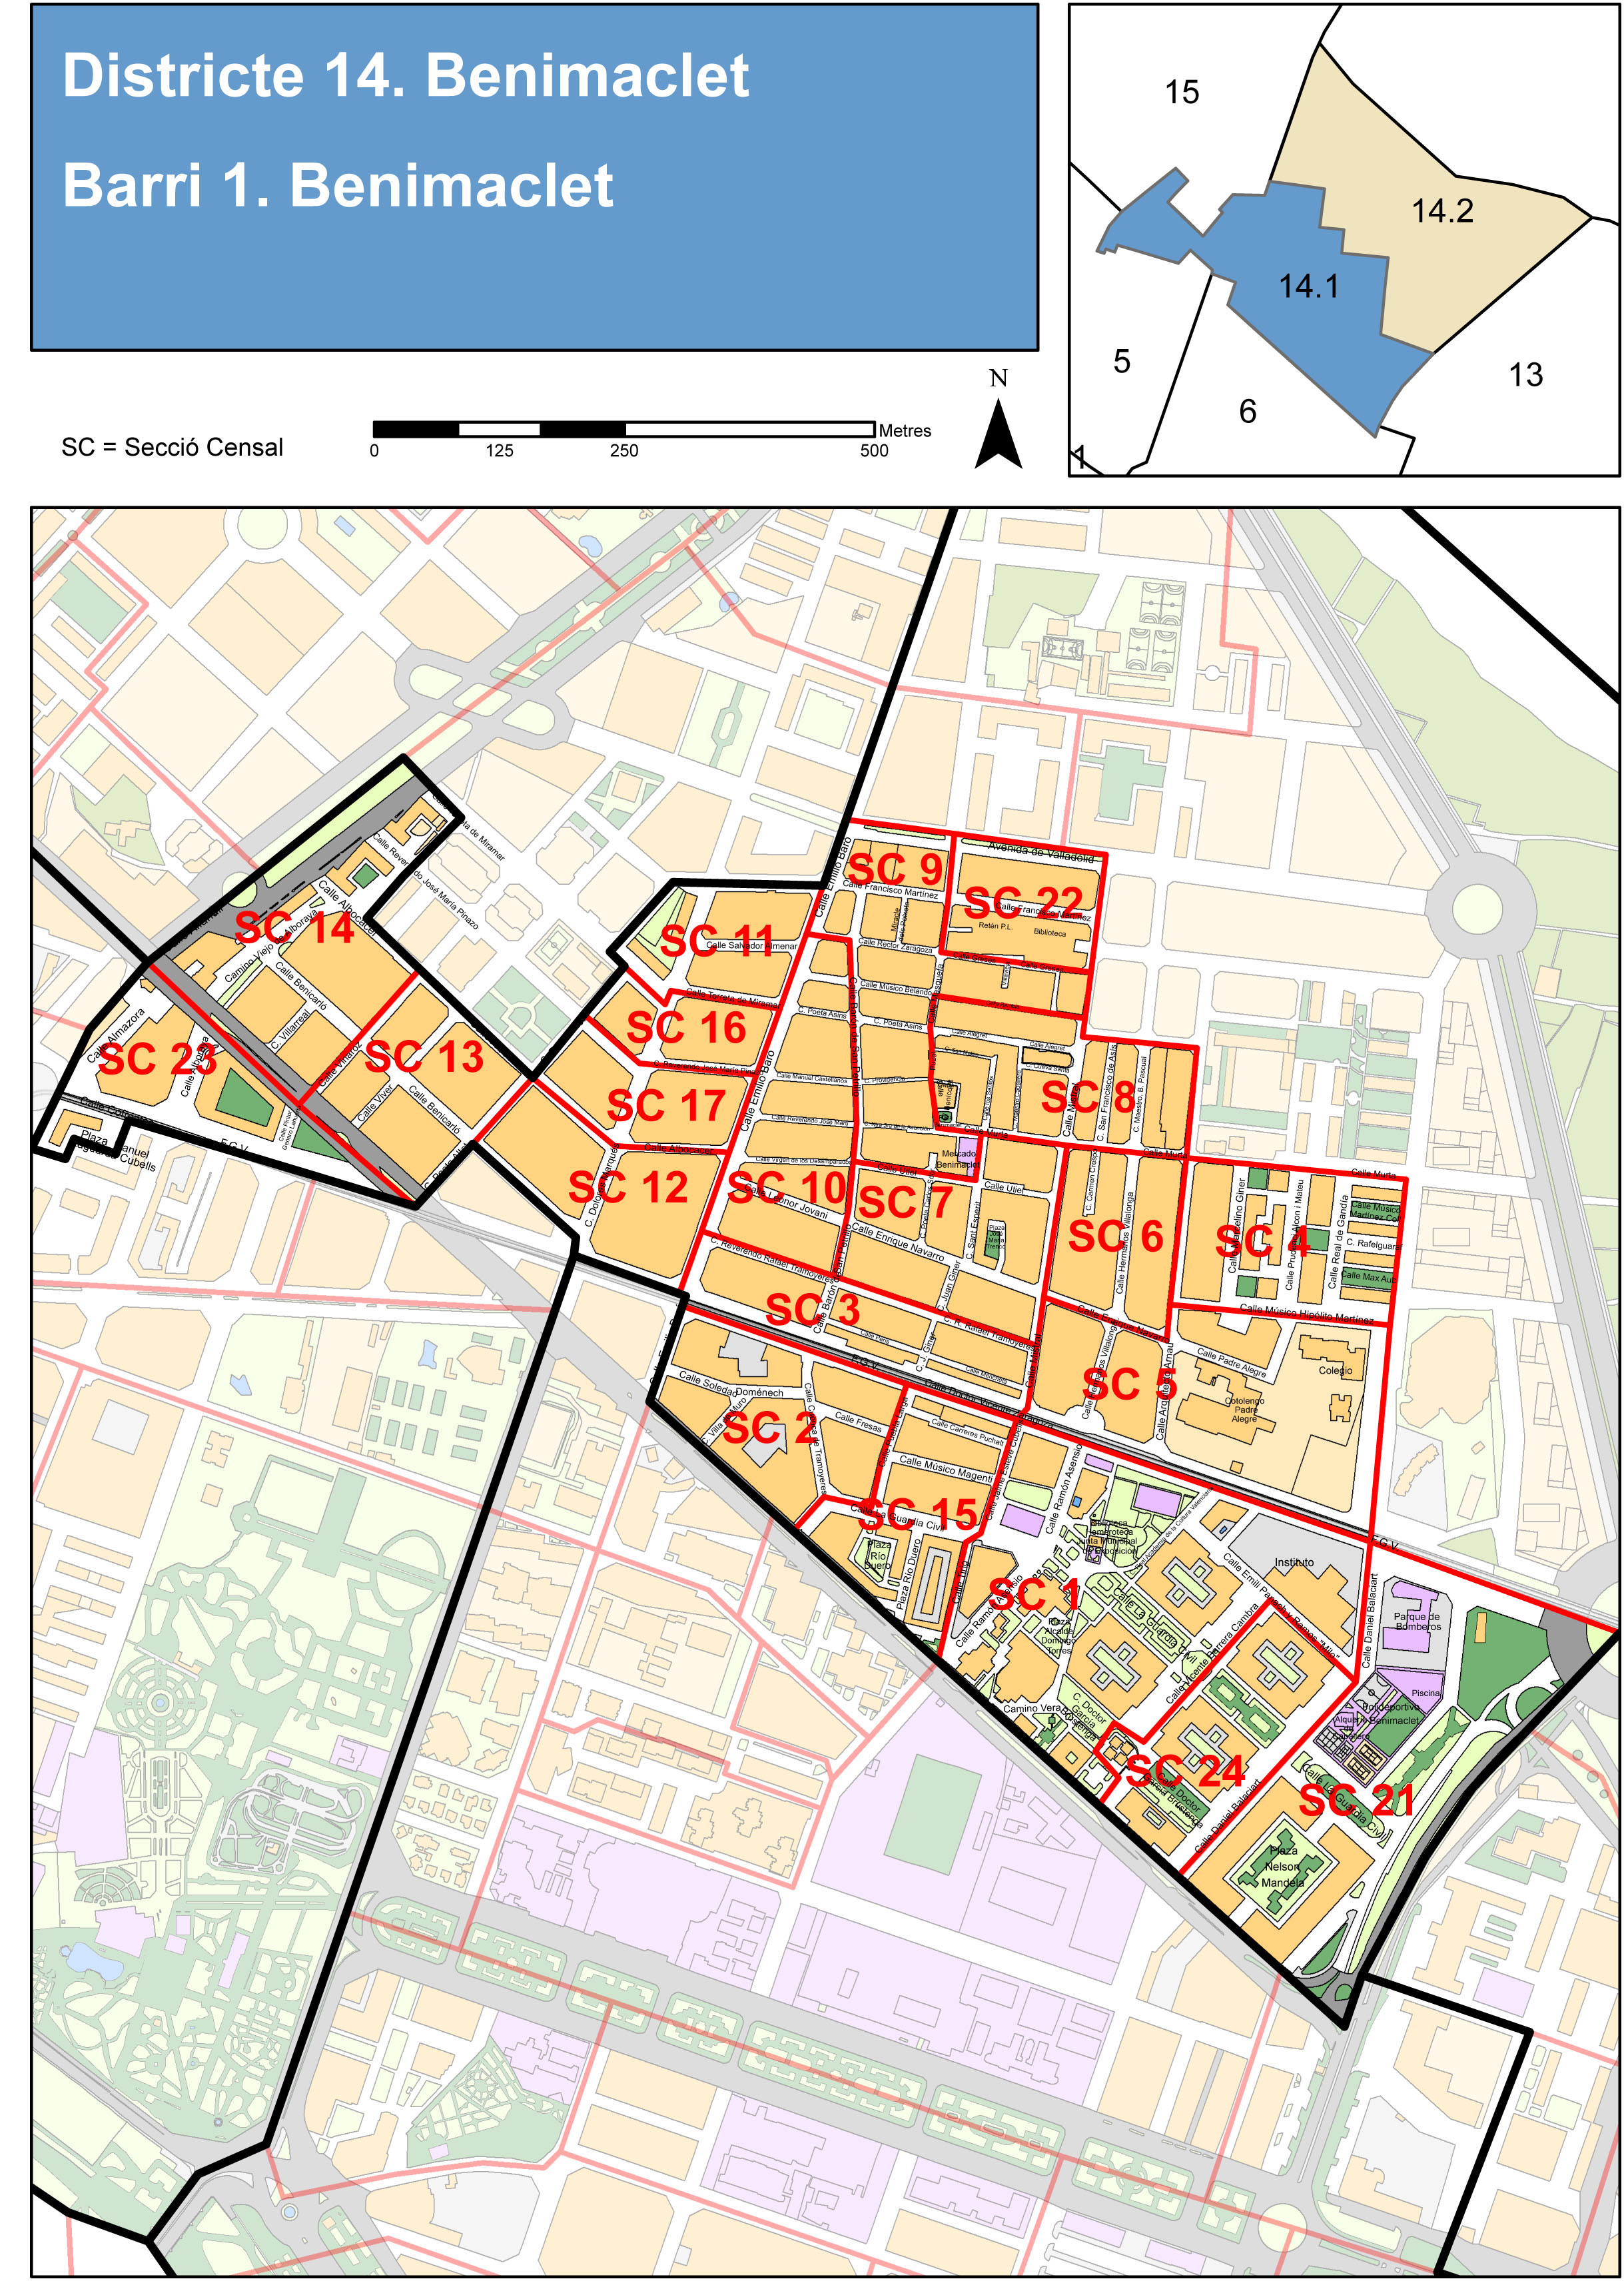 Neighborhood of Benimaclet, Valencia